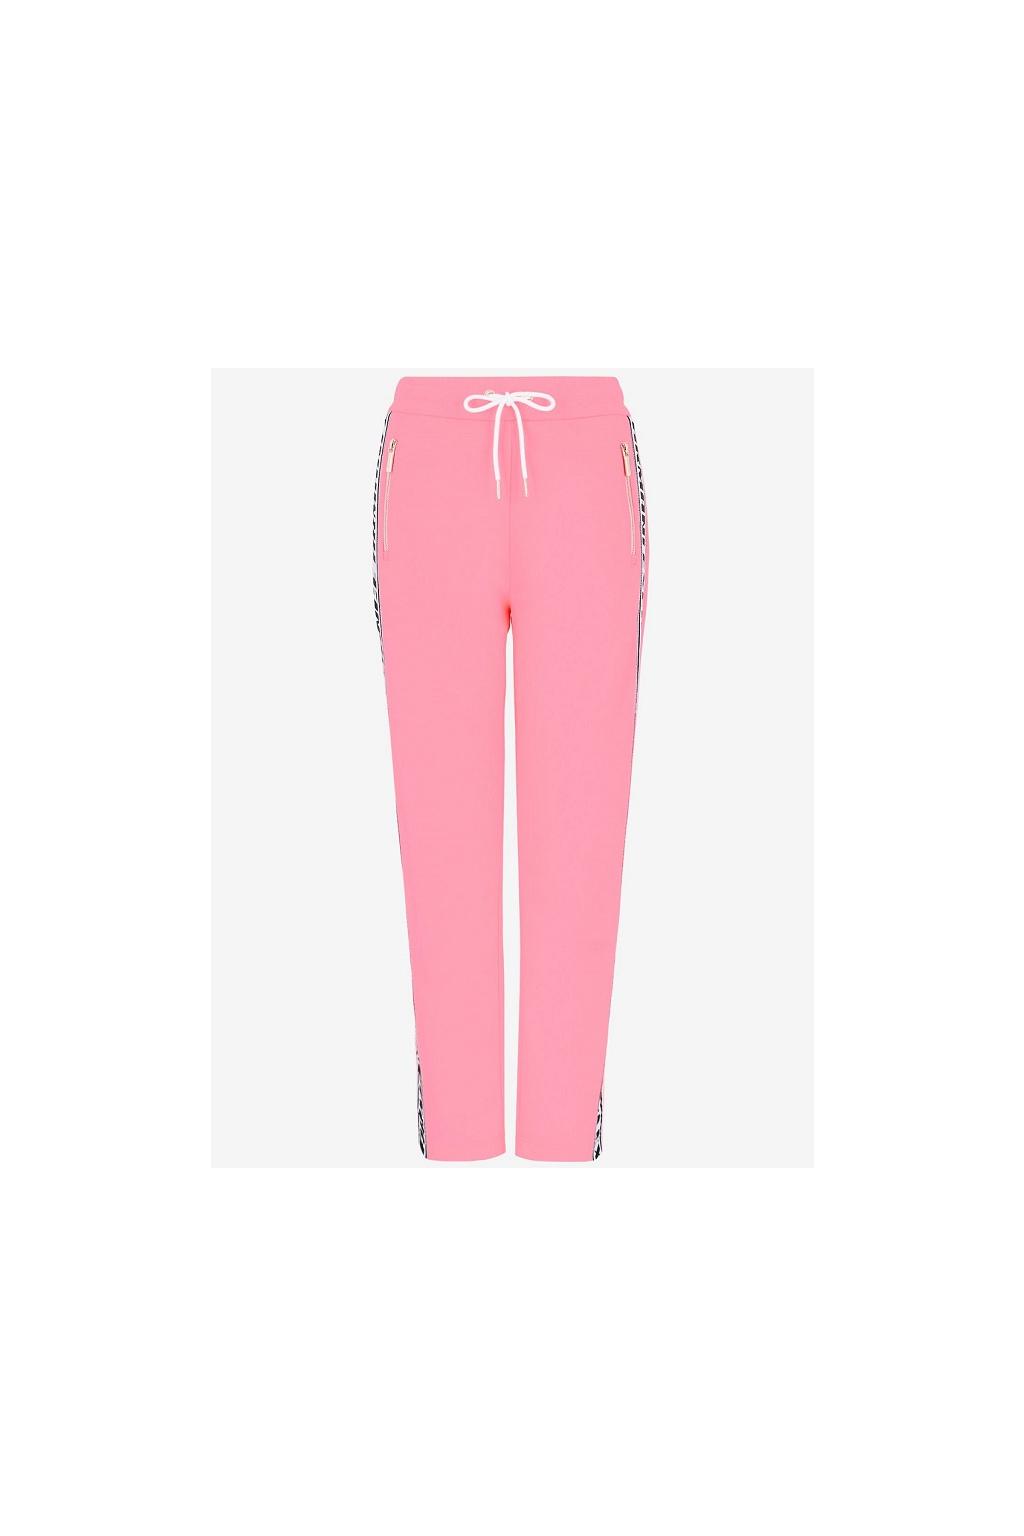 3HYP84 YJ52Z Dámské kalhoty Armani Exchange Logo růžové